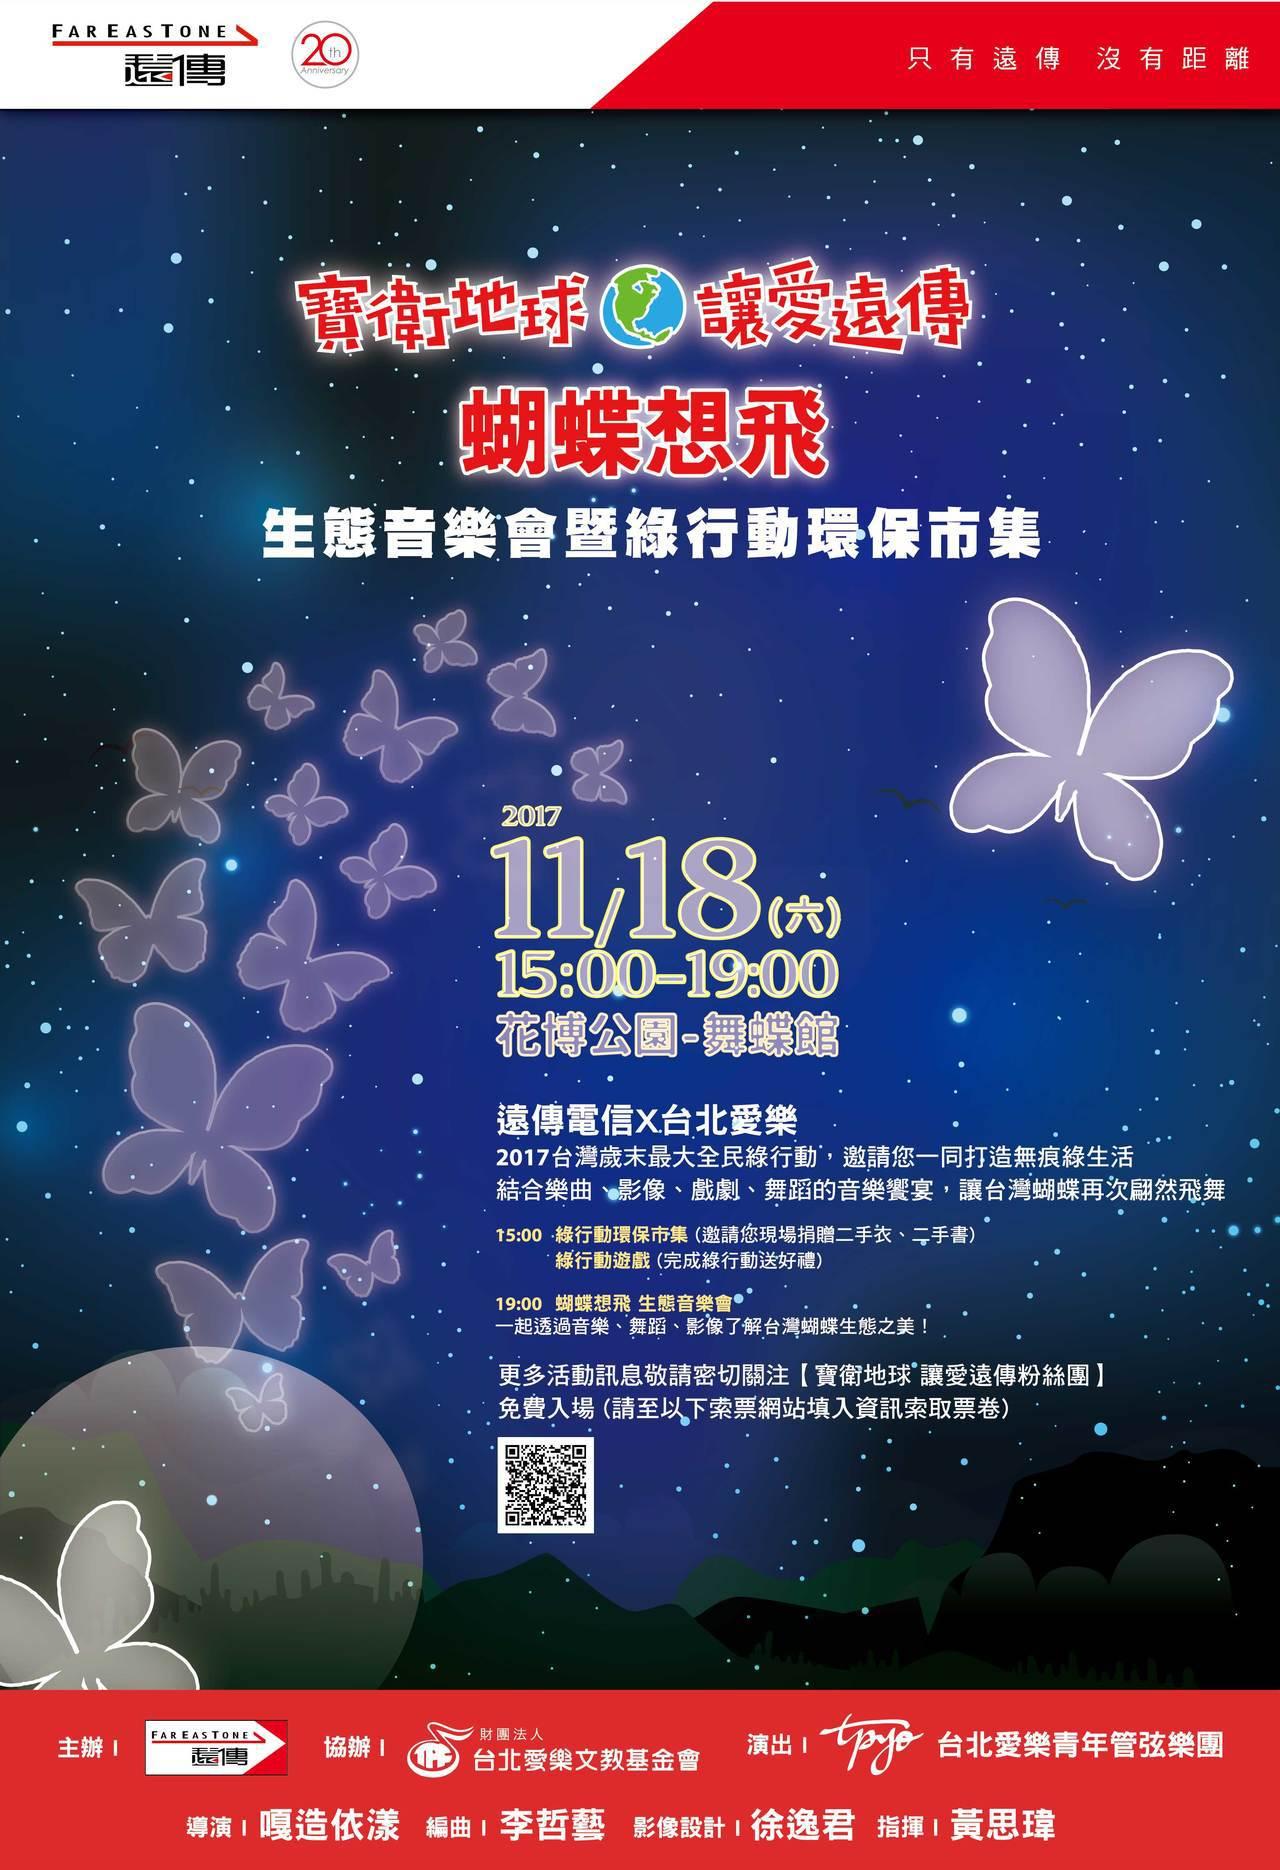 遠傳電信、台北愛樂將於11月18日舉辦「蝴蝶想飛」生態音樂會暨綠行動環保市集,即...